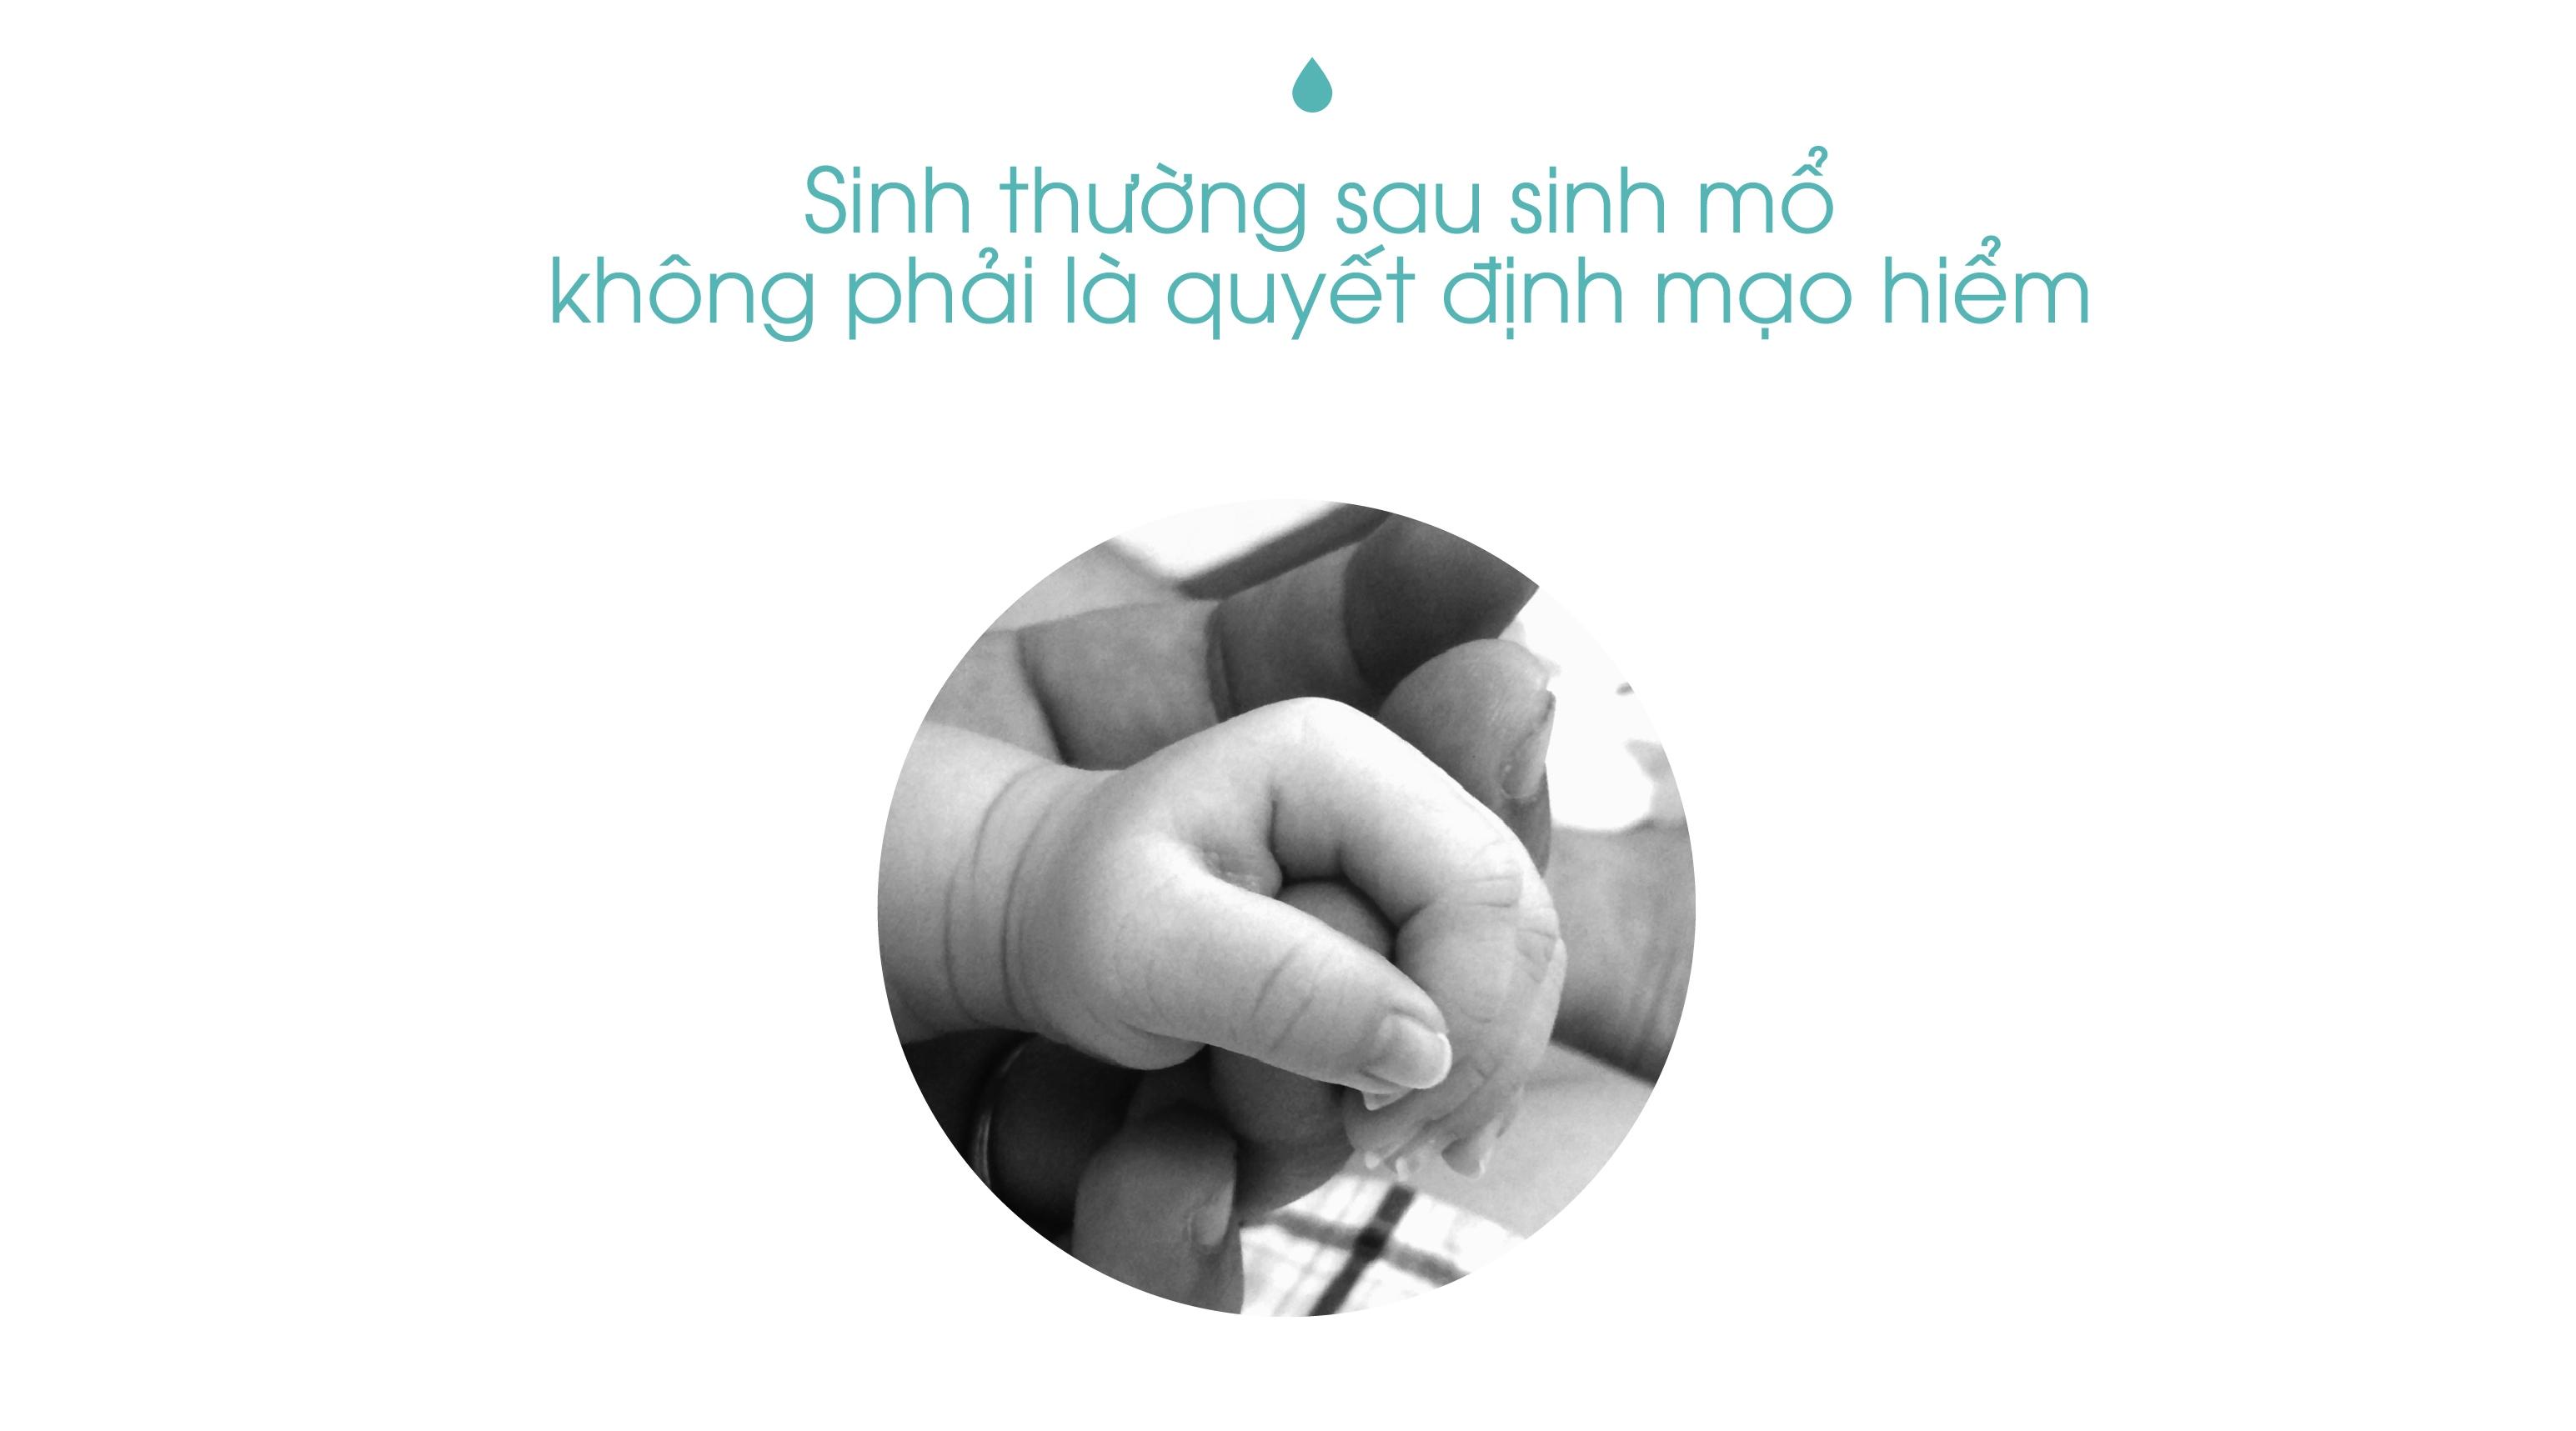 hanh trinh ky dieu cua ba me nuoi bu song song va sinh thuong sau sinh mo